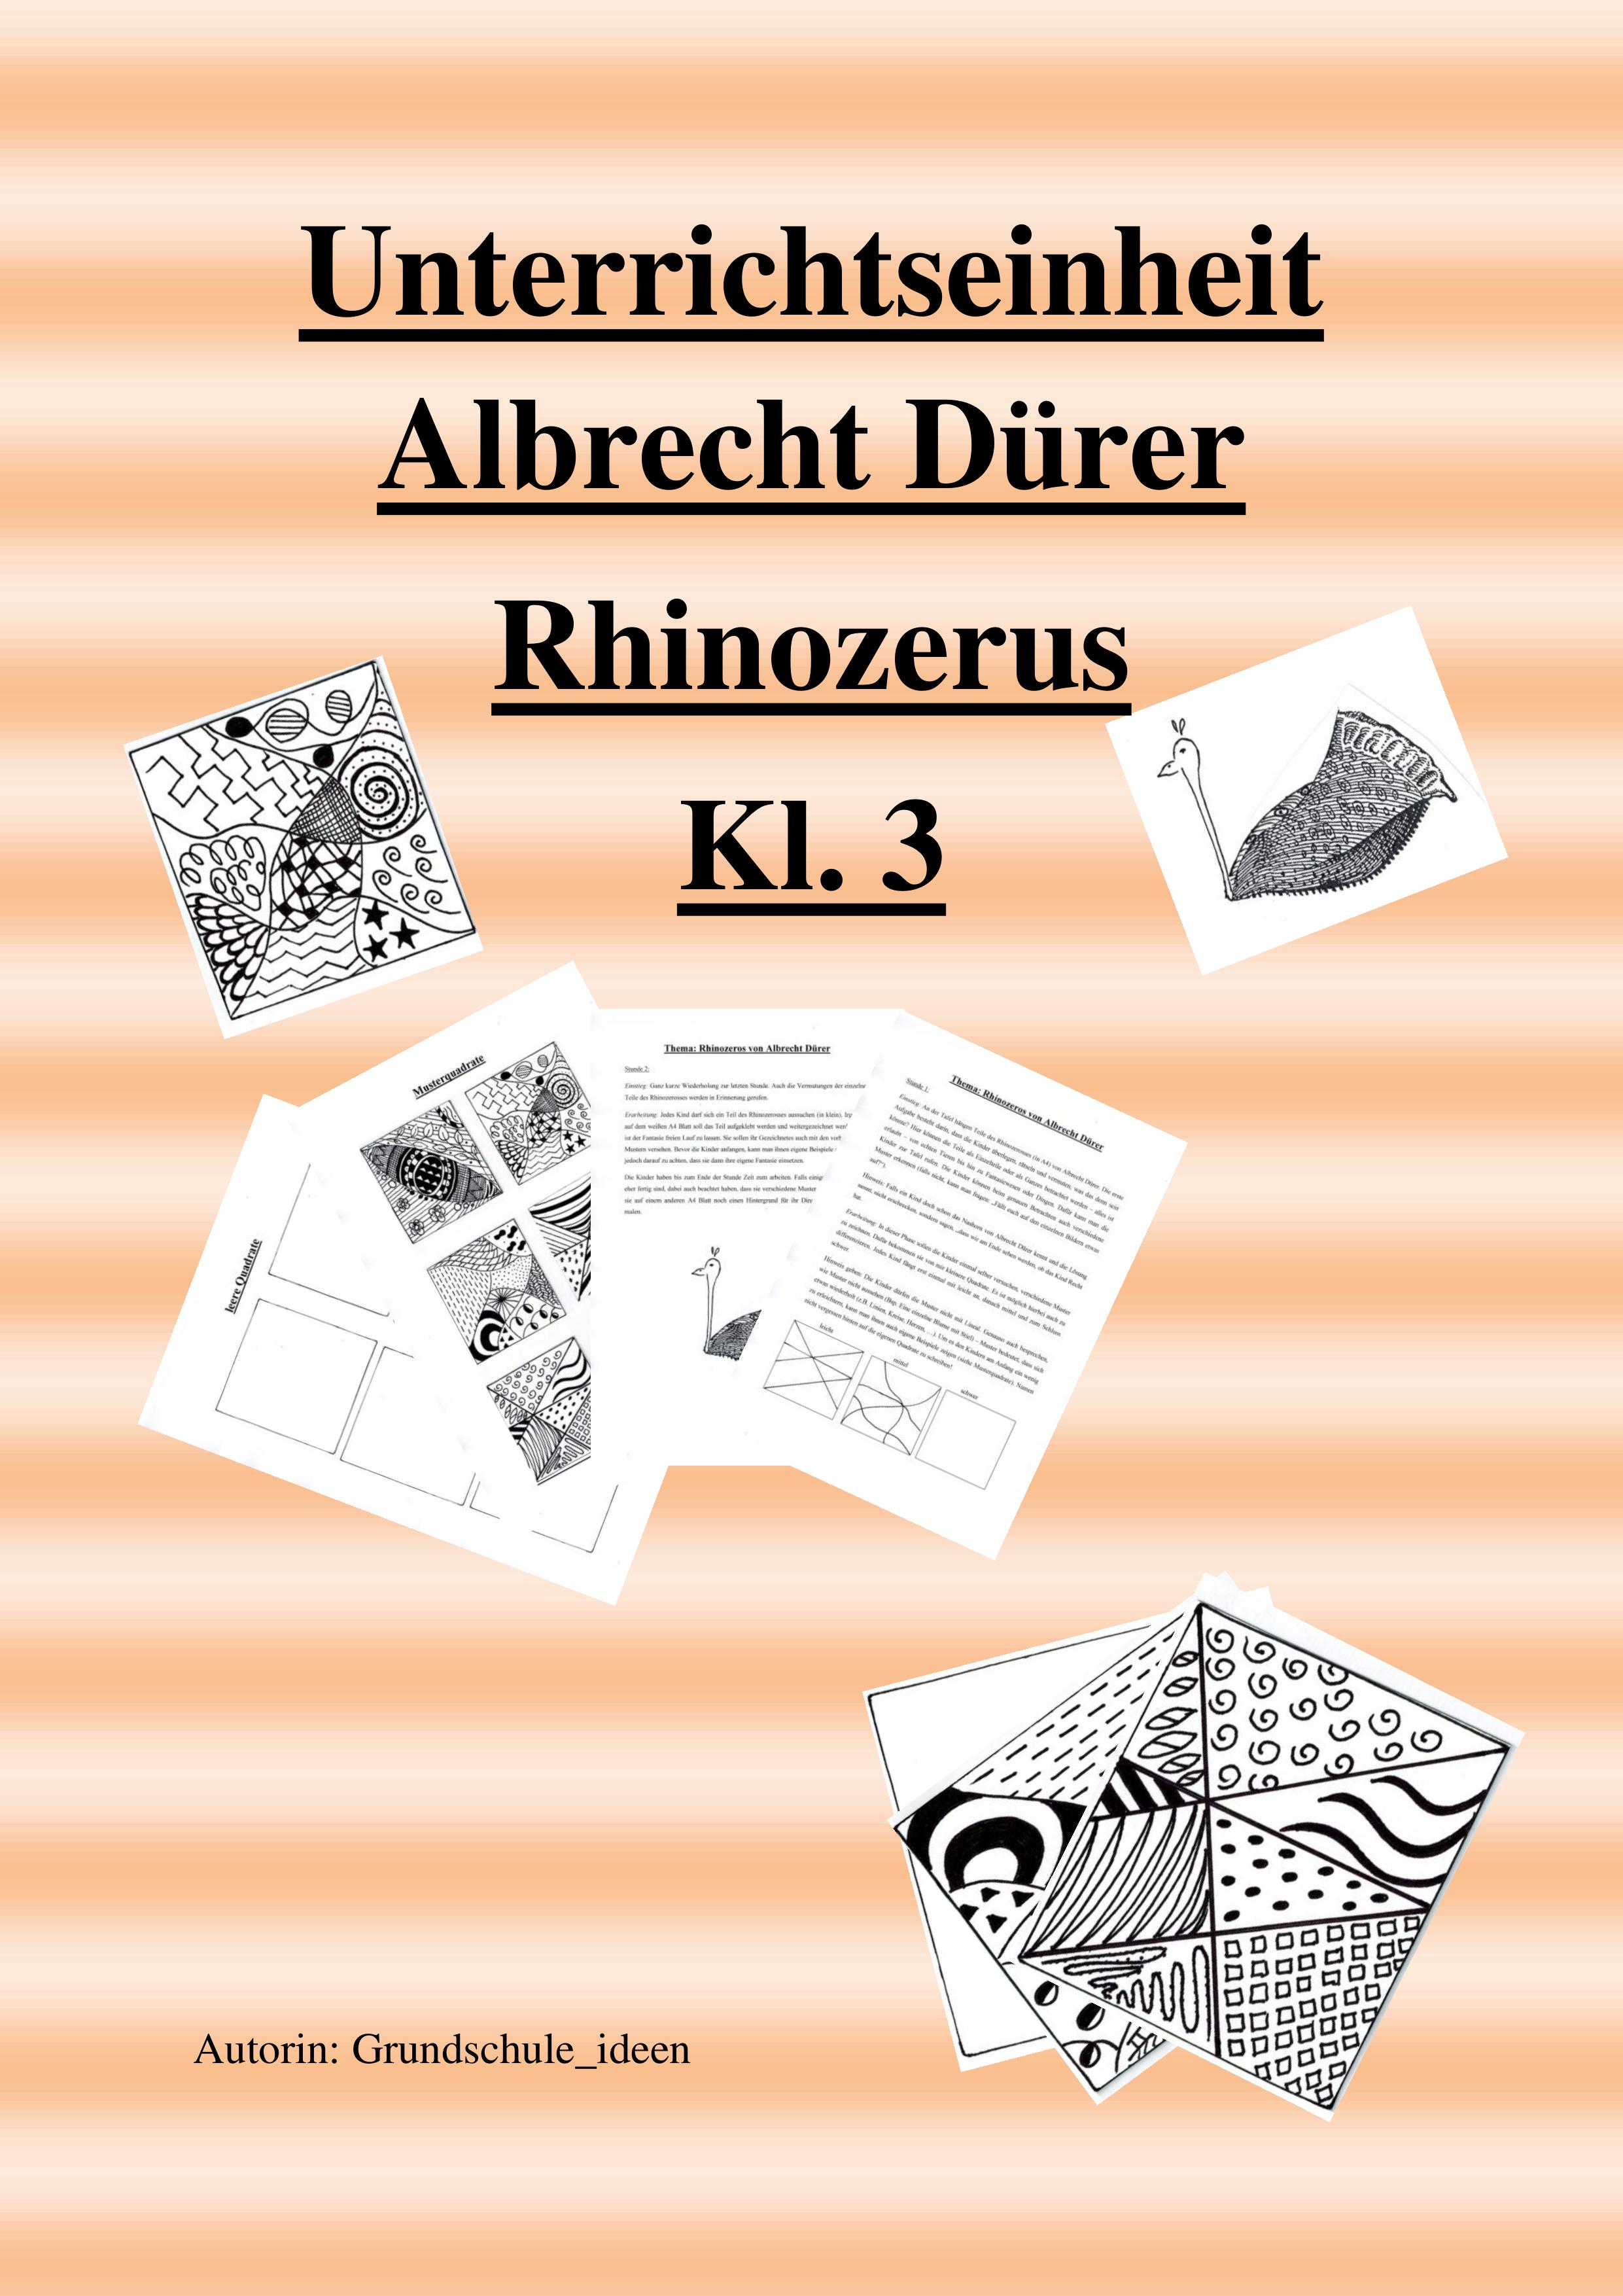 Unterrichtseinheit Albrecht Durer Rhinozerus Kunst Unterrichten Kunst Grundschule Kunstunterricht